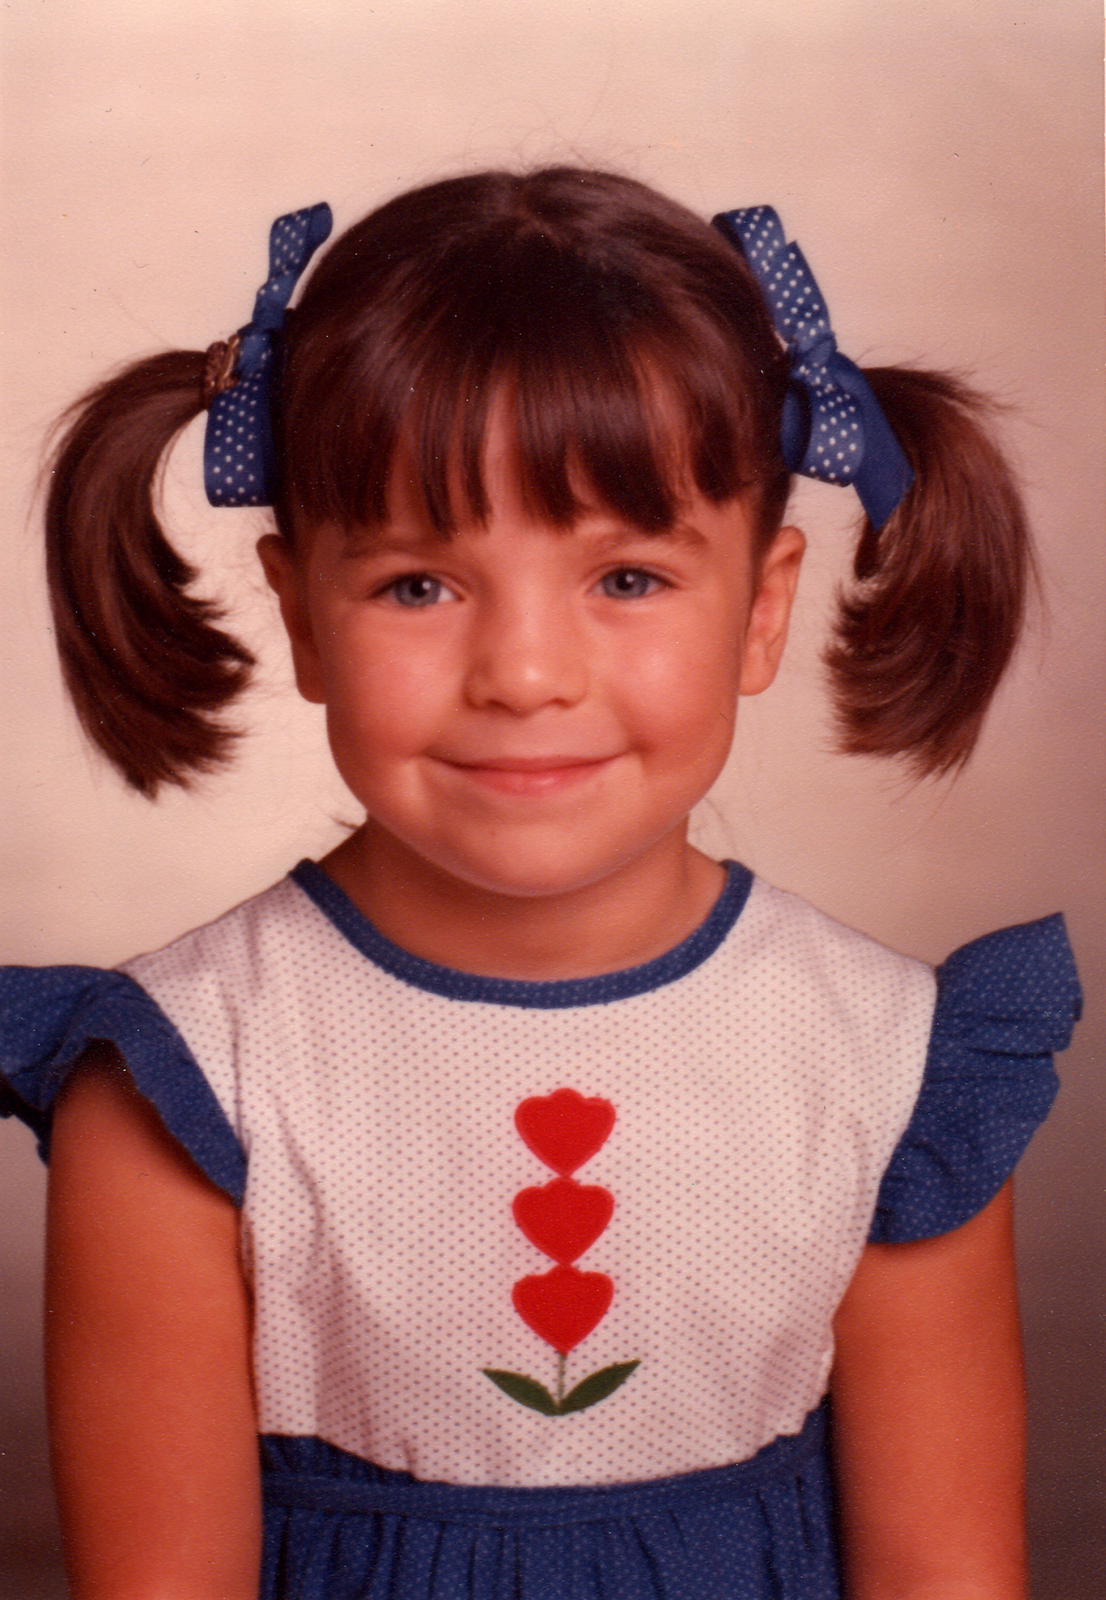 Rachel Nussbaum in first grade, 1982.